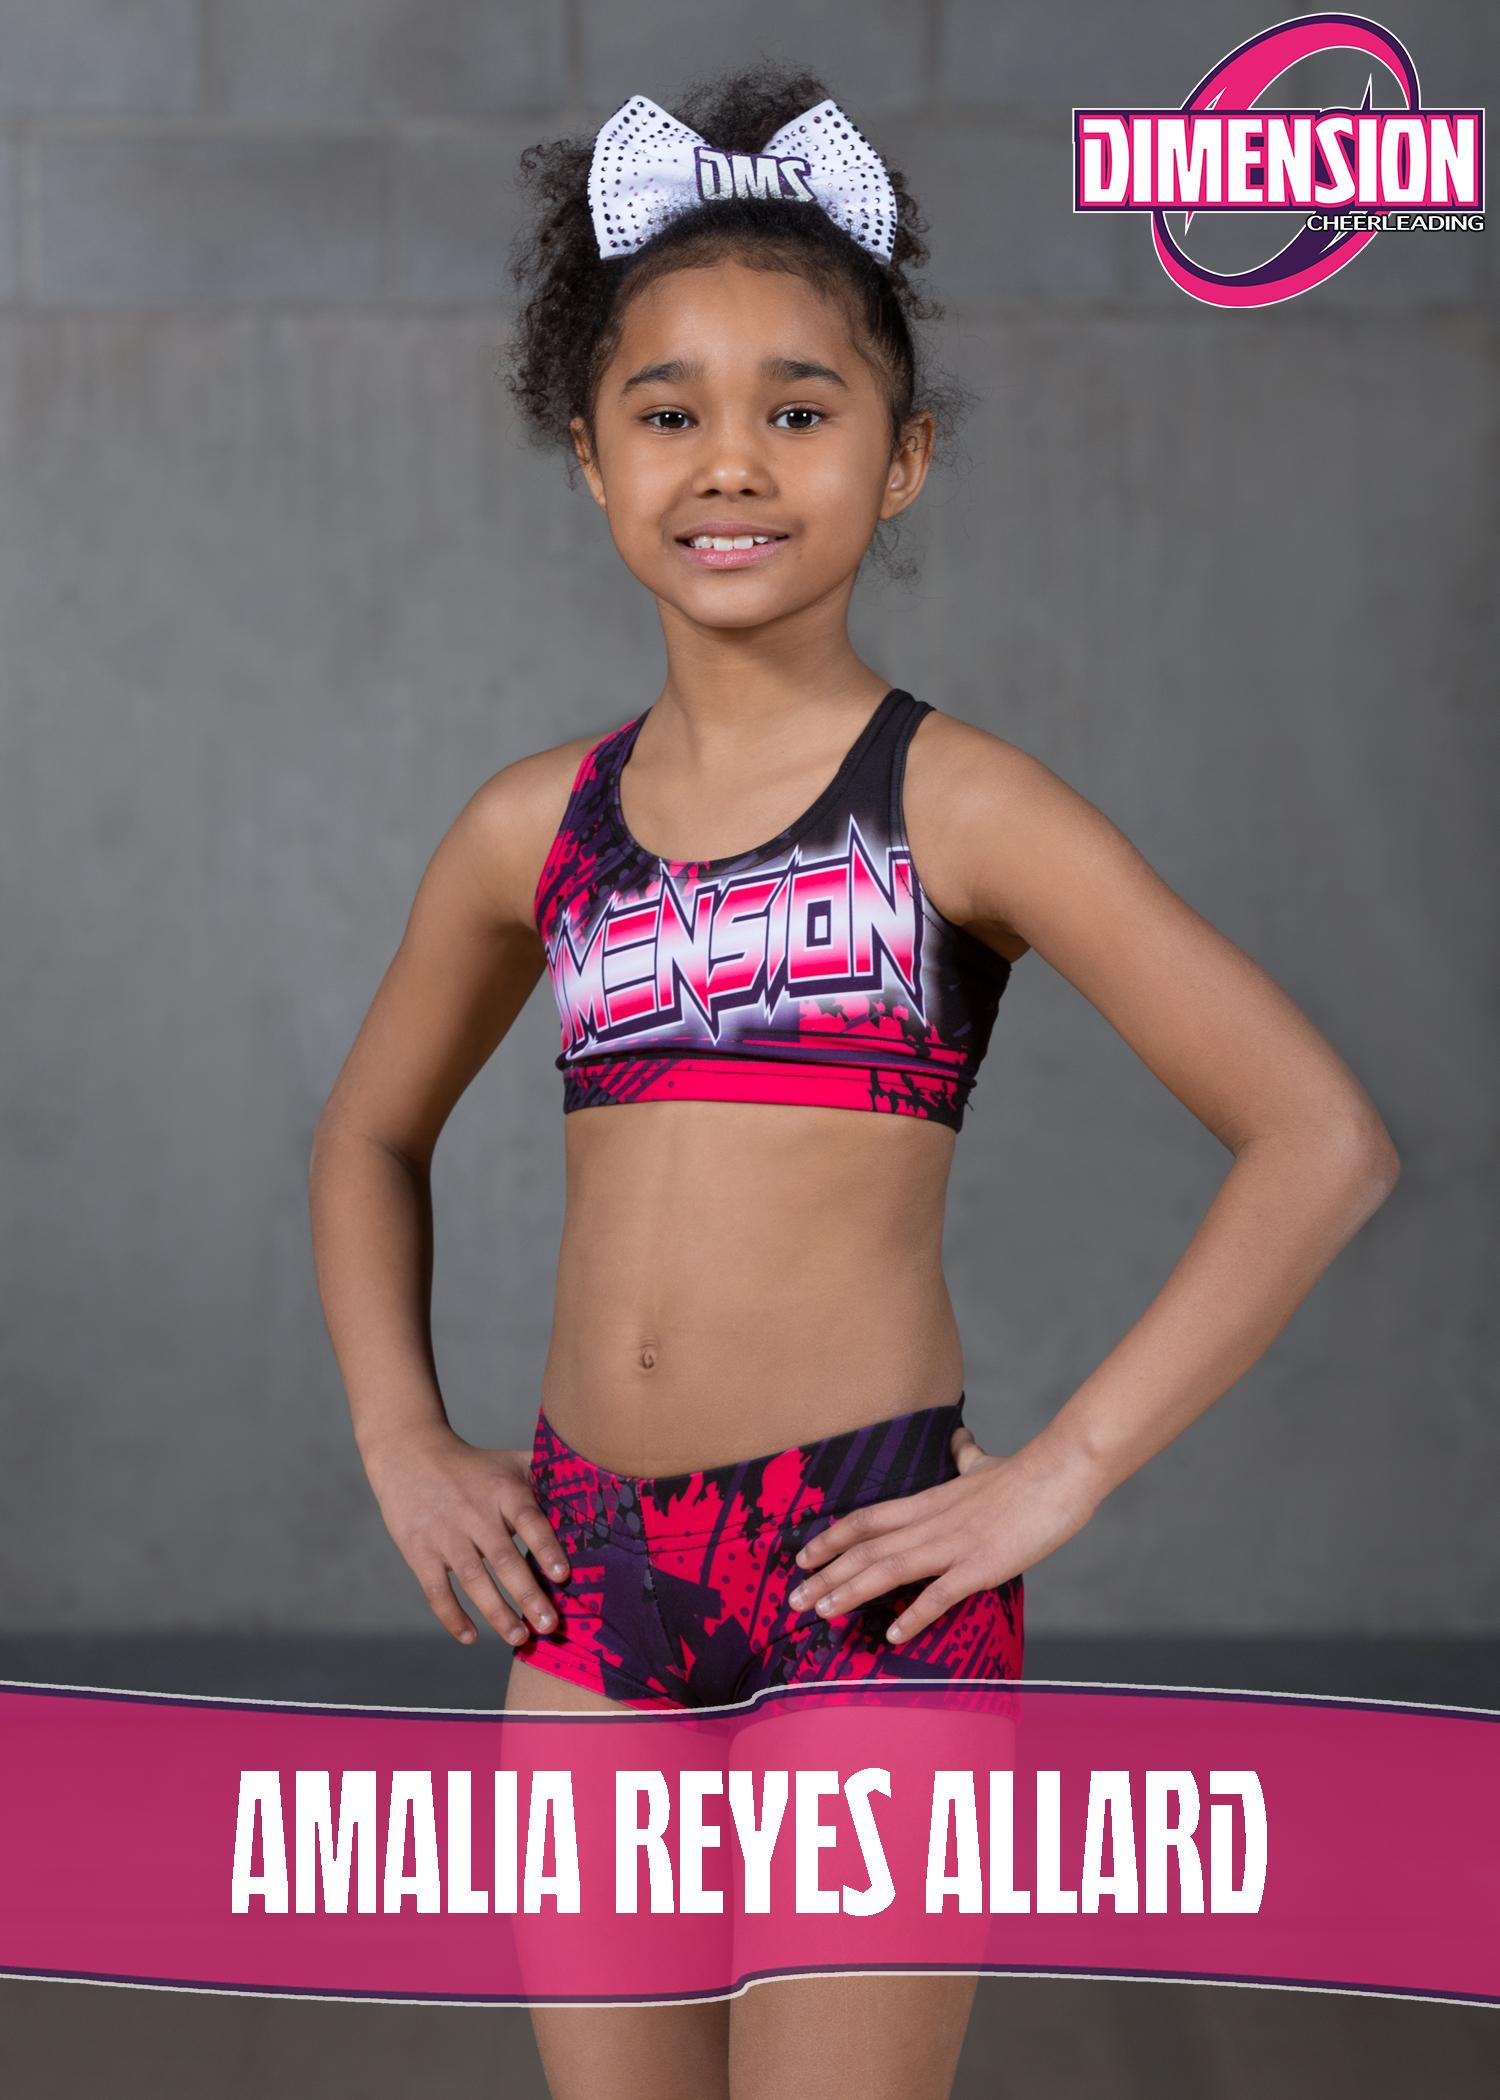 Amalia Reyes Allard